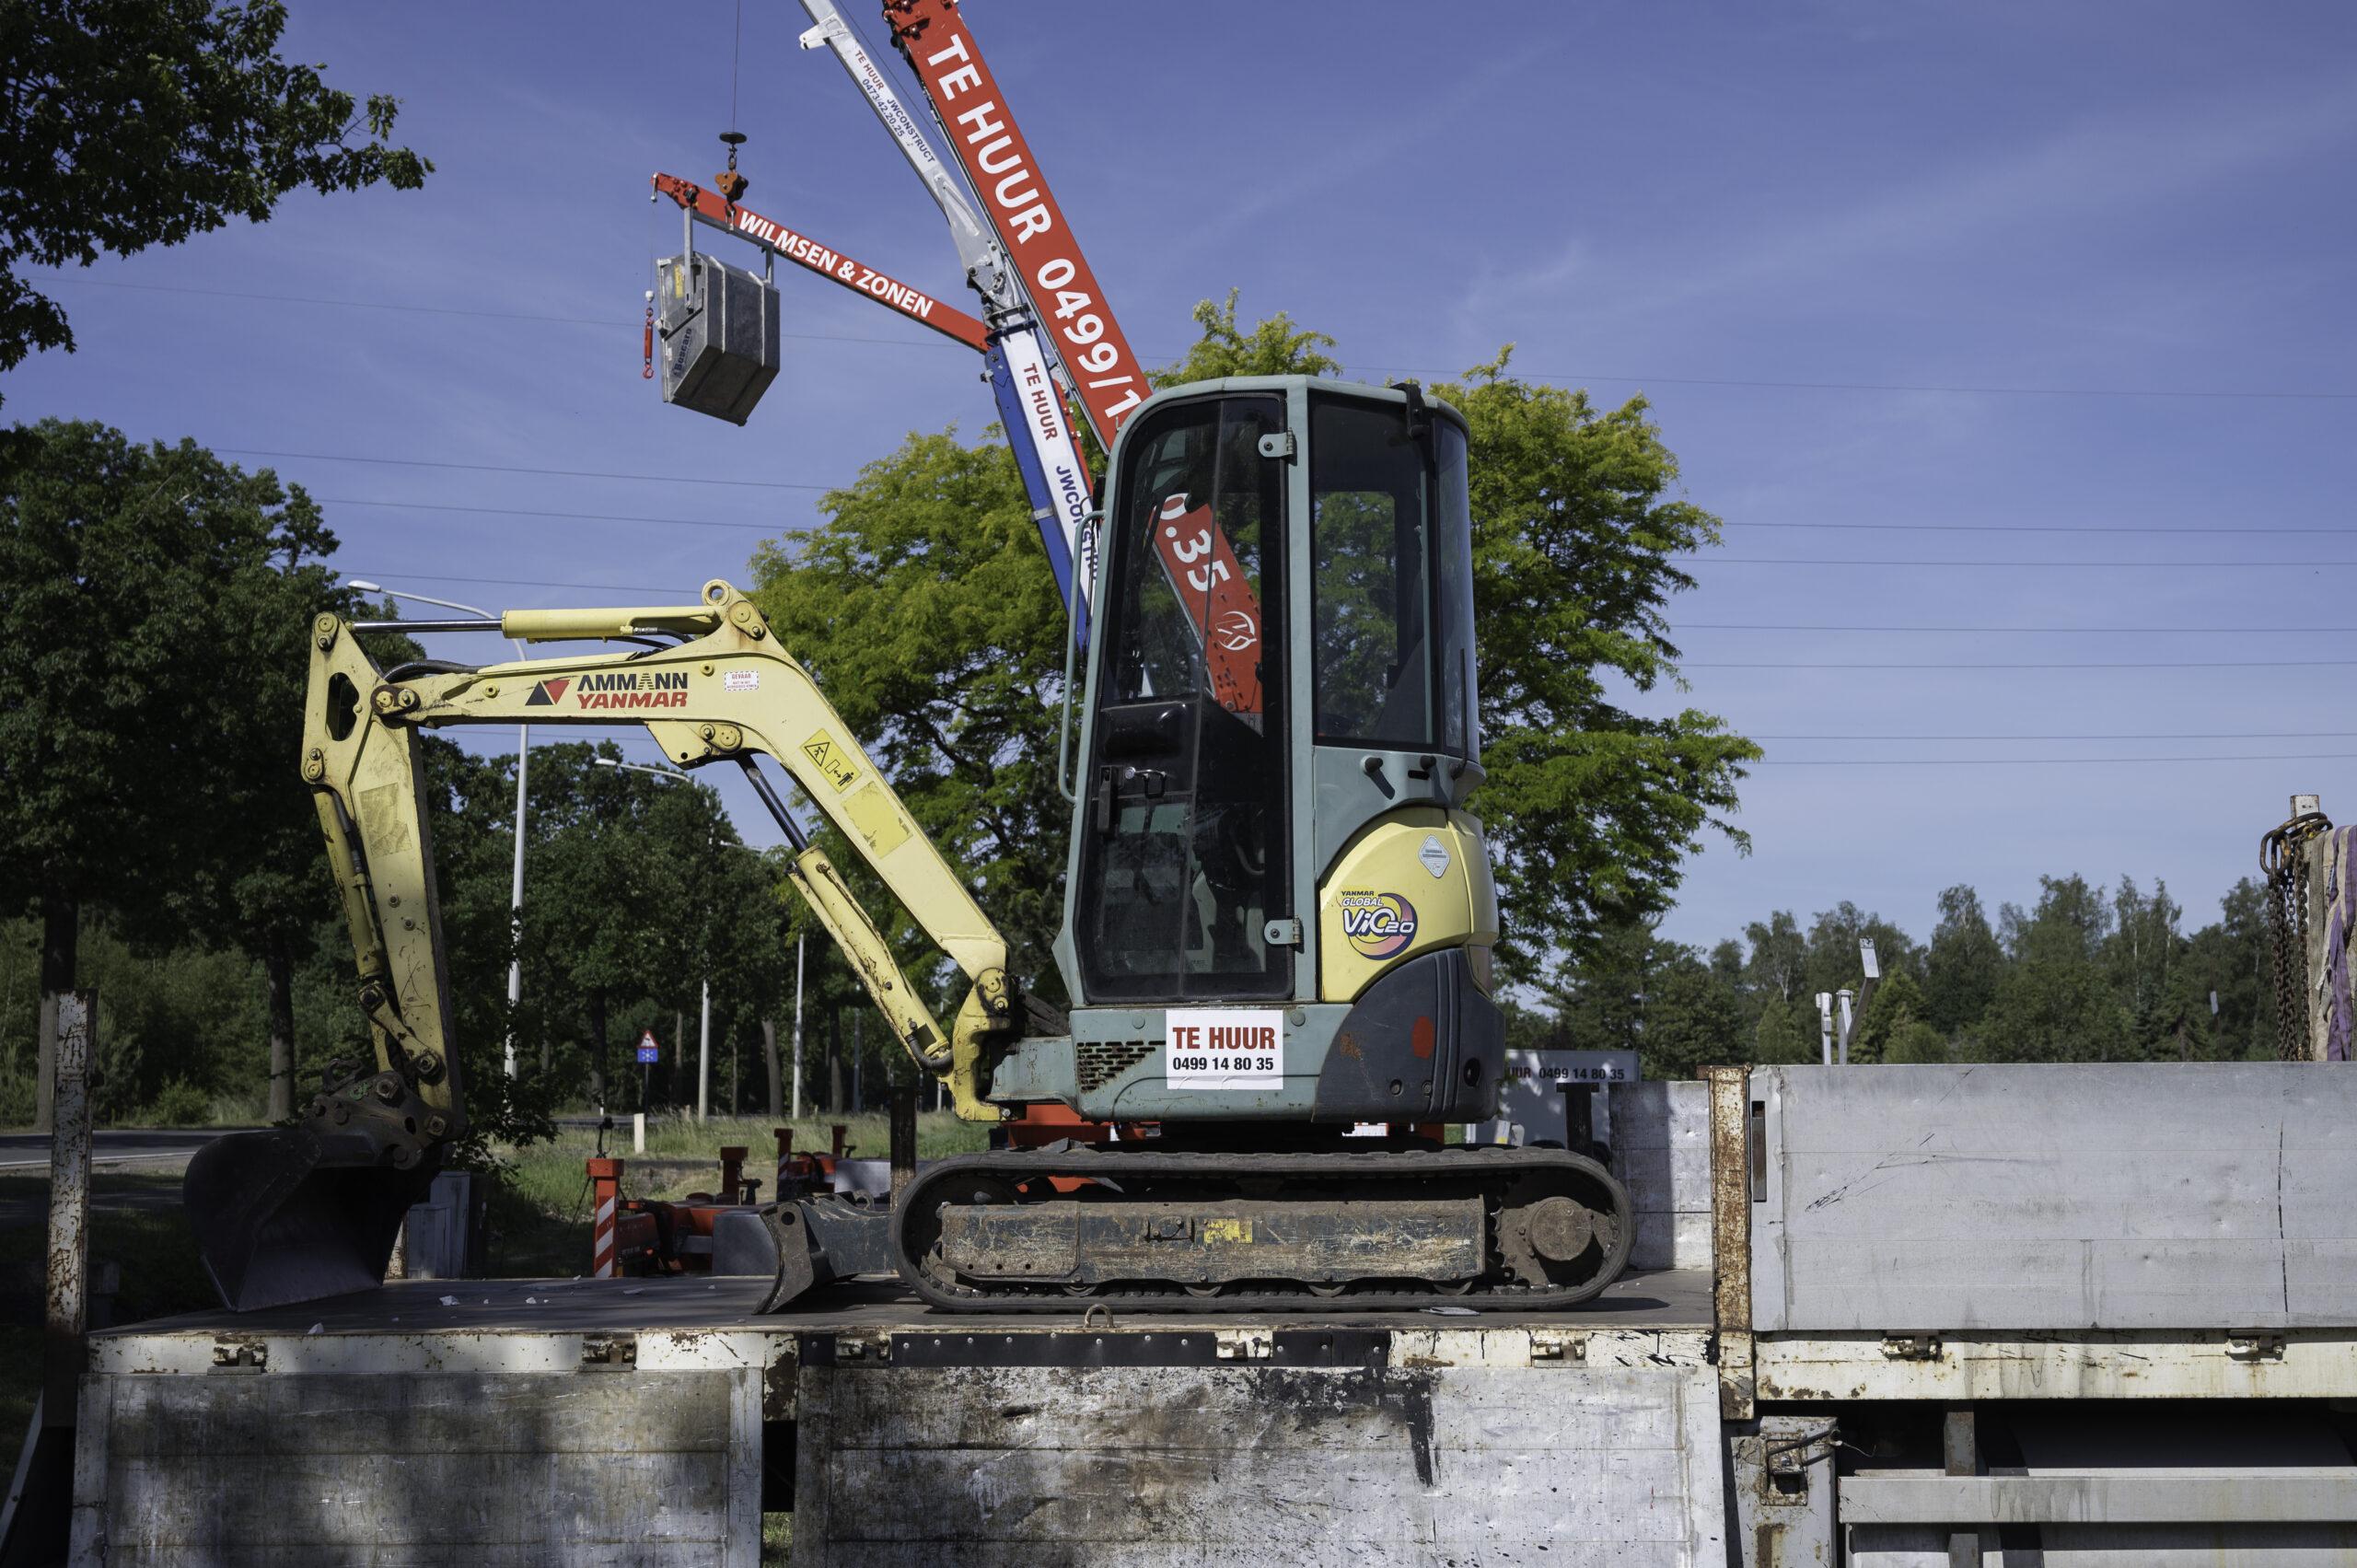 Yanmar Vio 20 zijkant op trailer verhuur kraan Wilmsen en Zonen Vosselaar